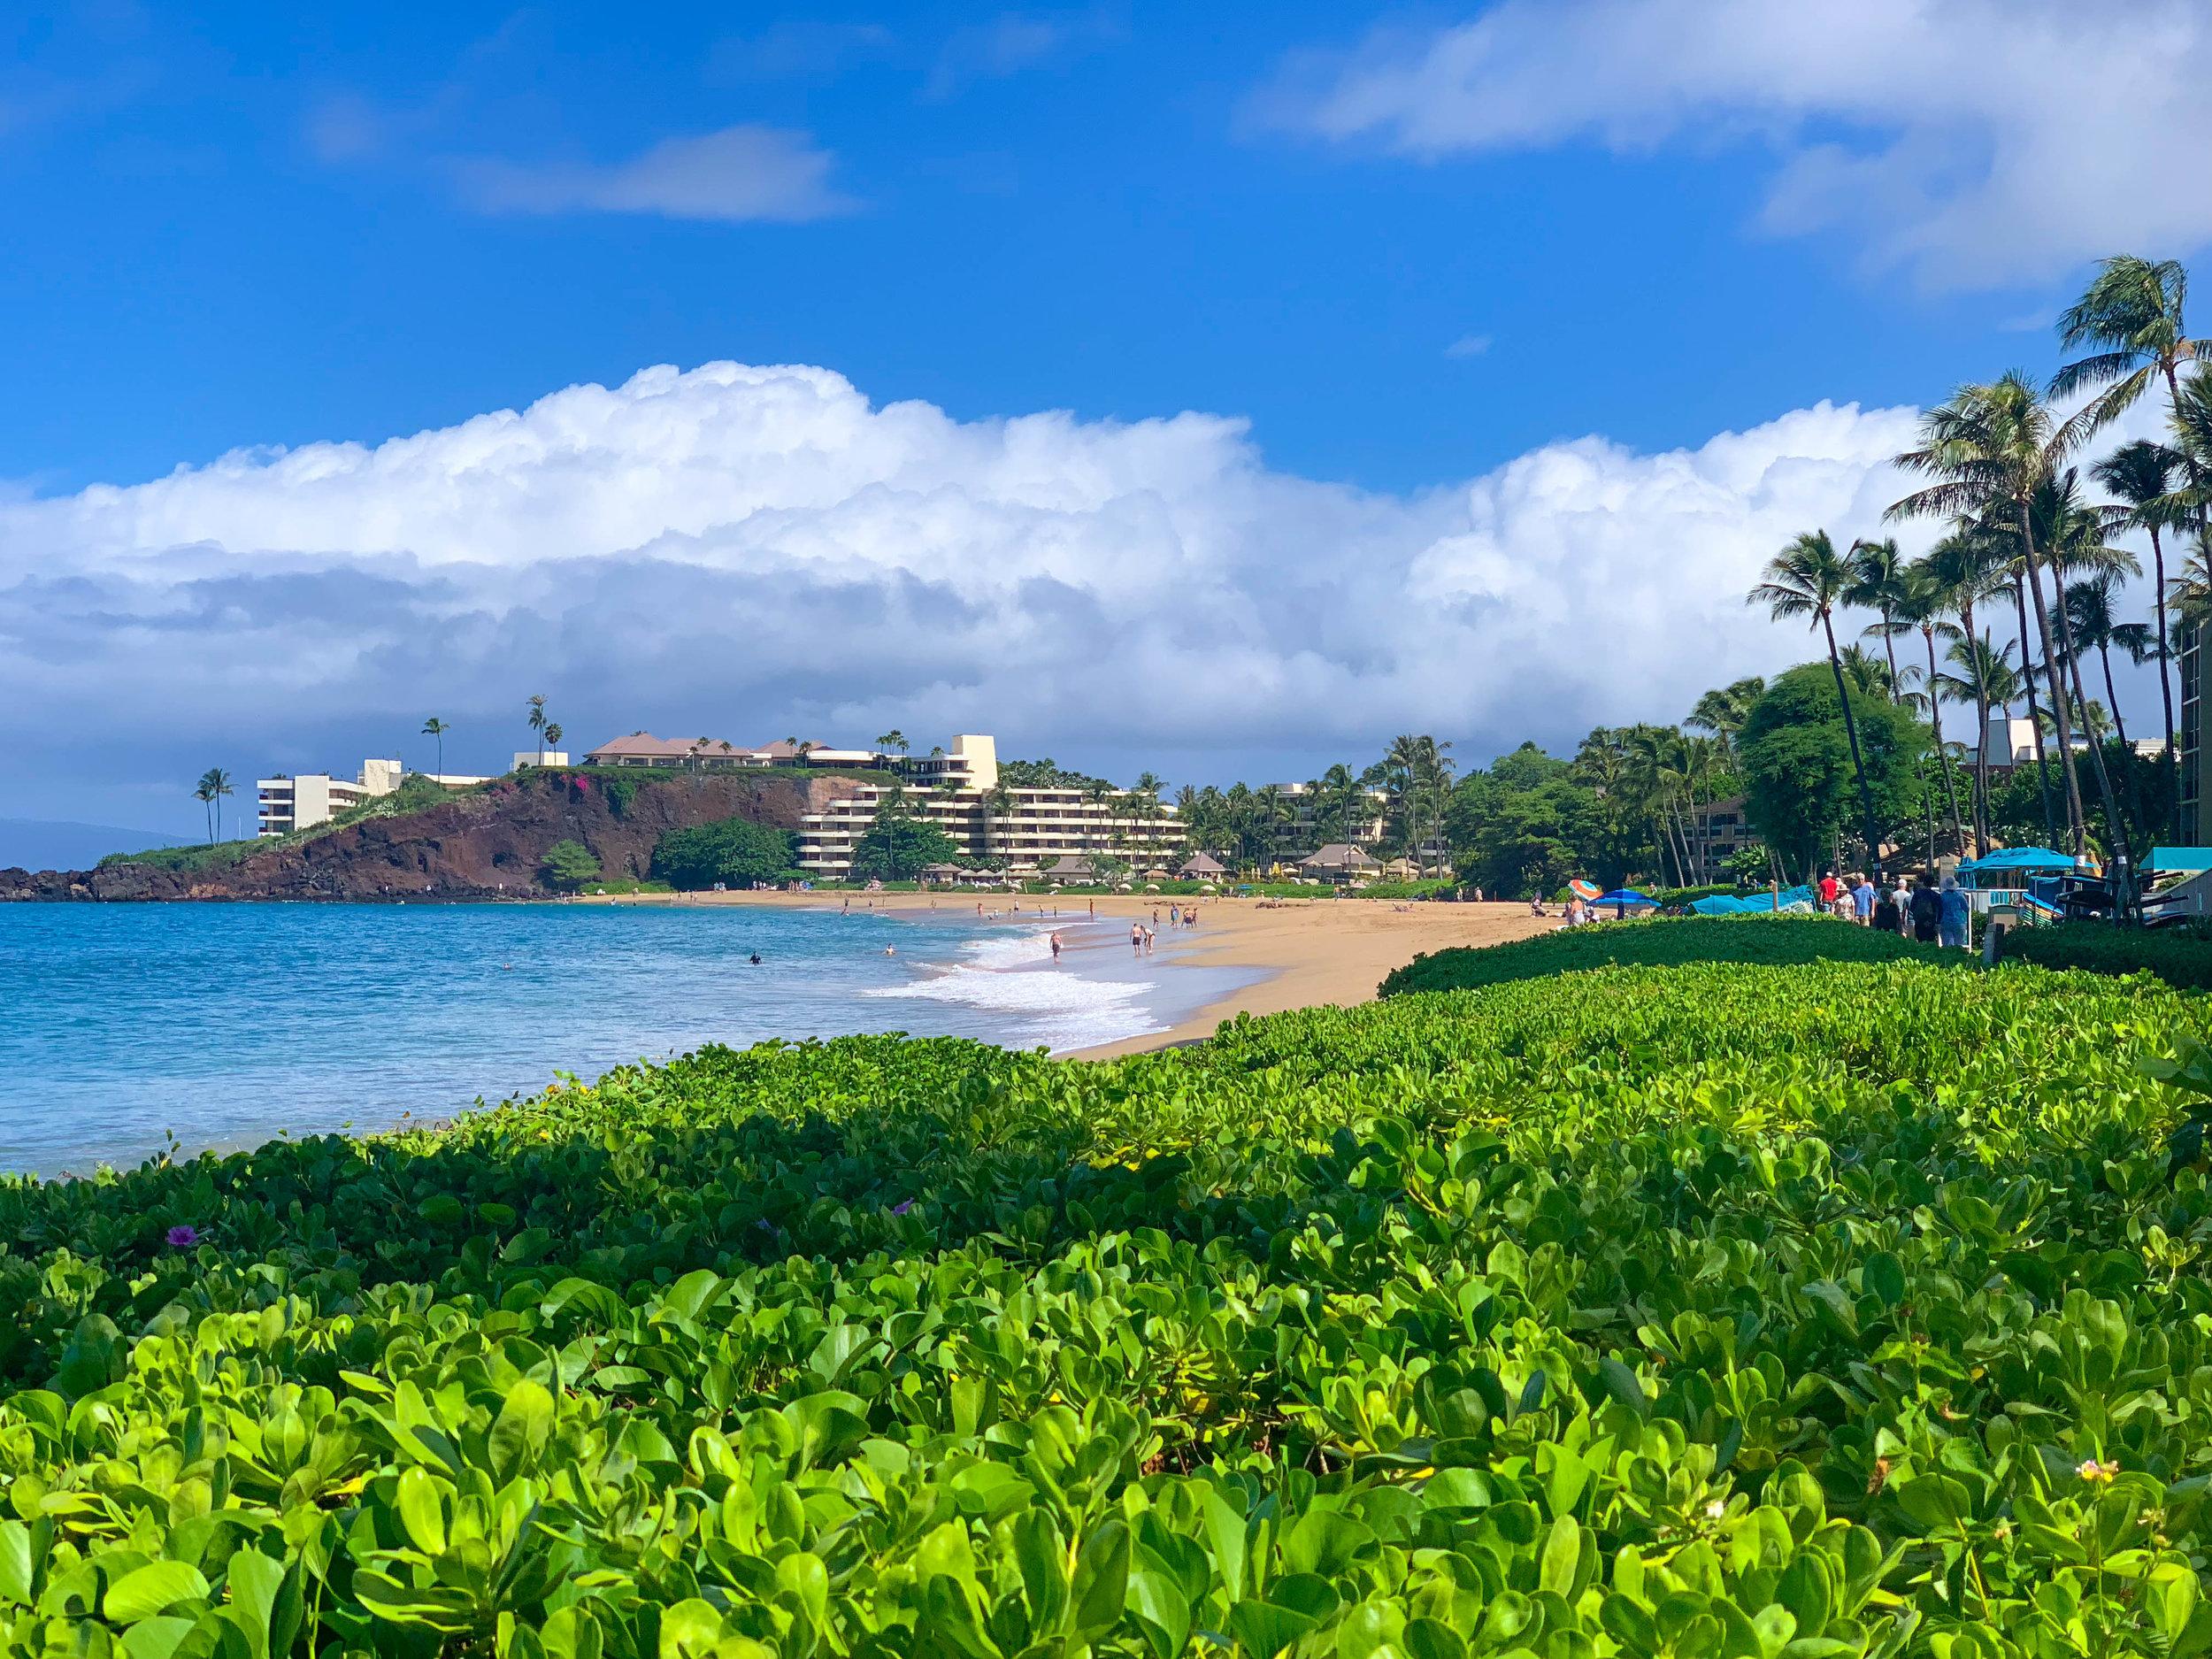 Maui Hawaii Kaanapali Beach - 4 day itinerary